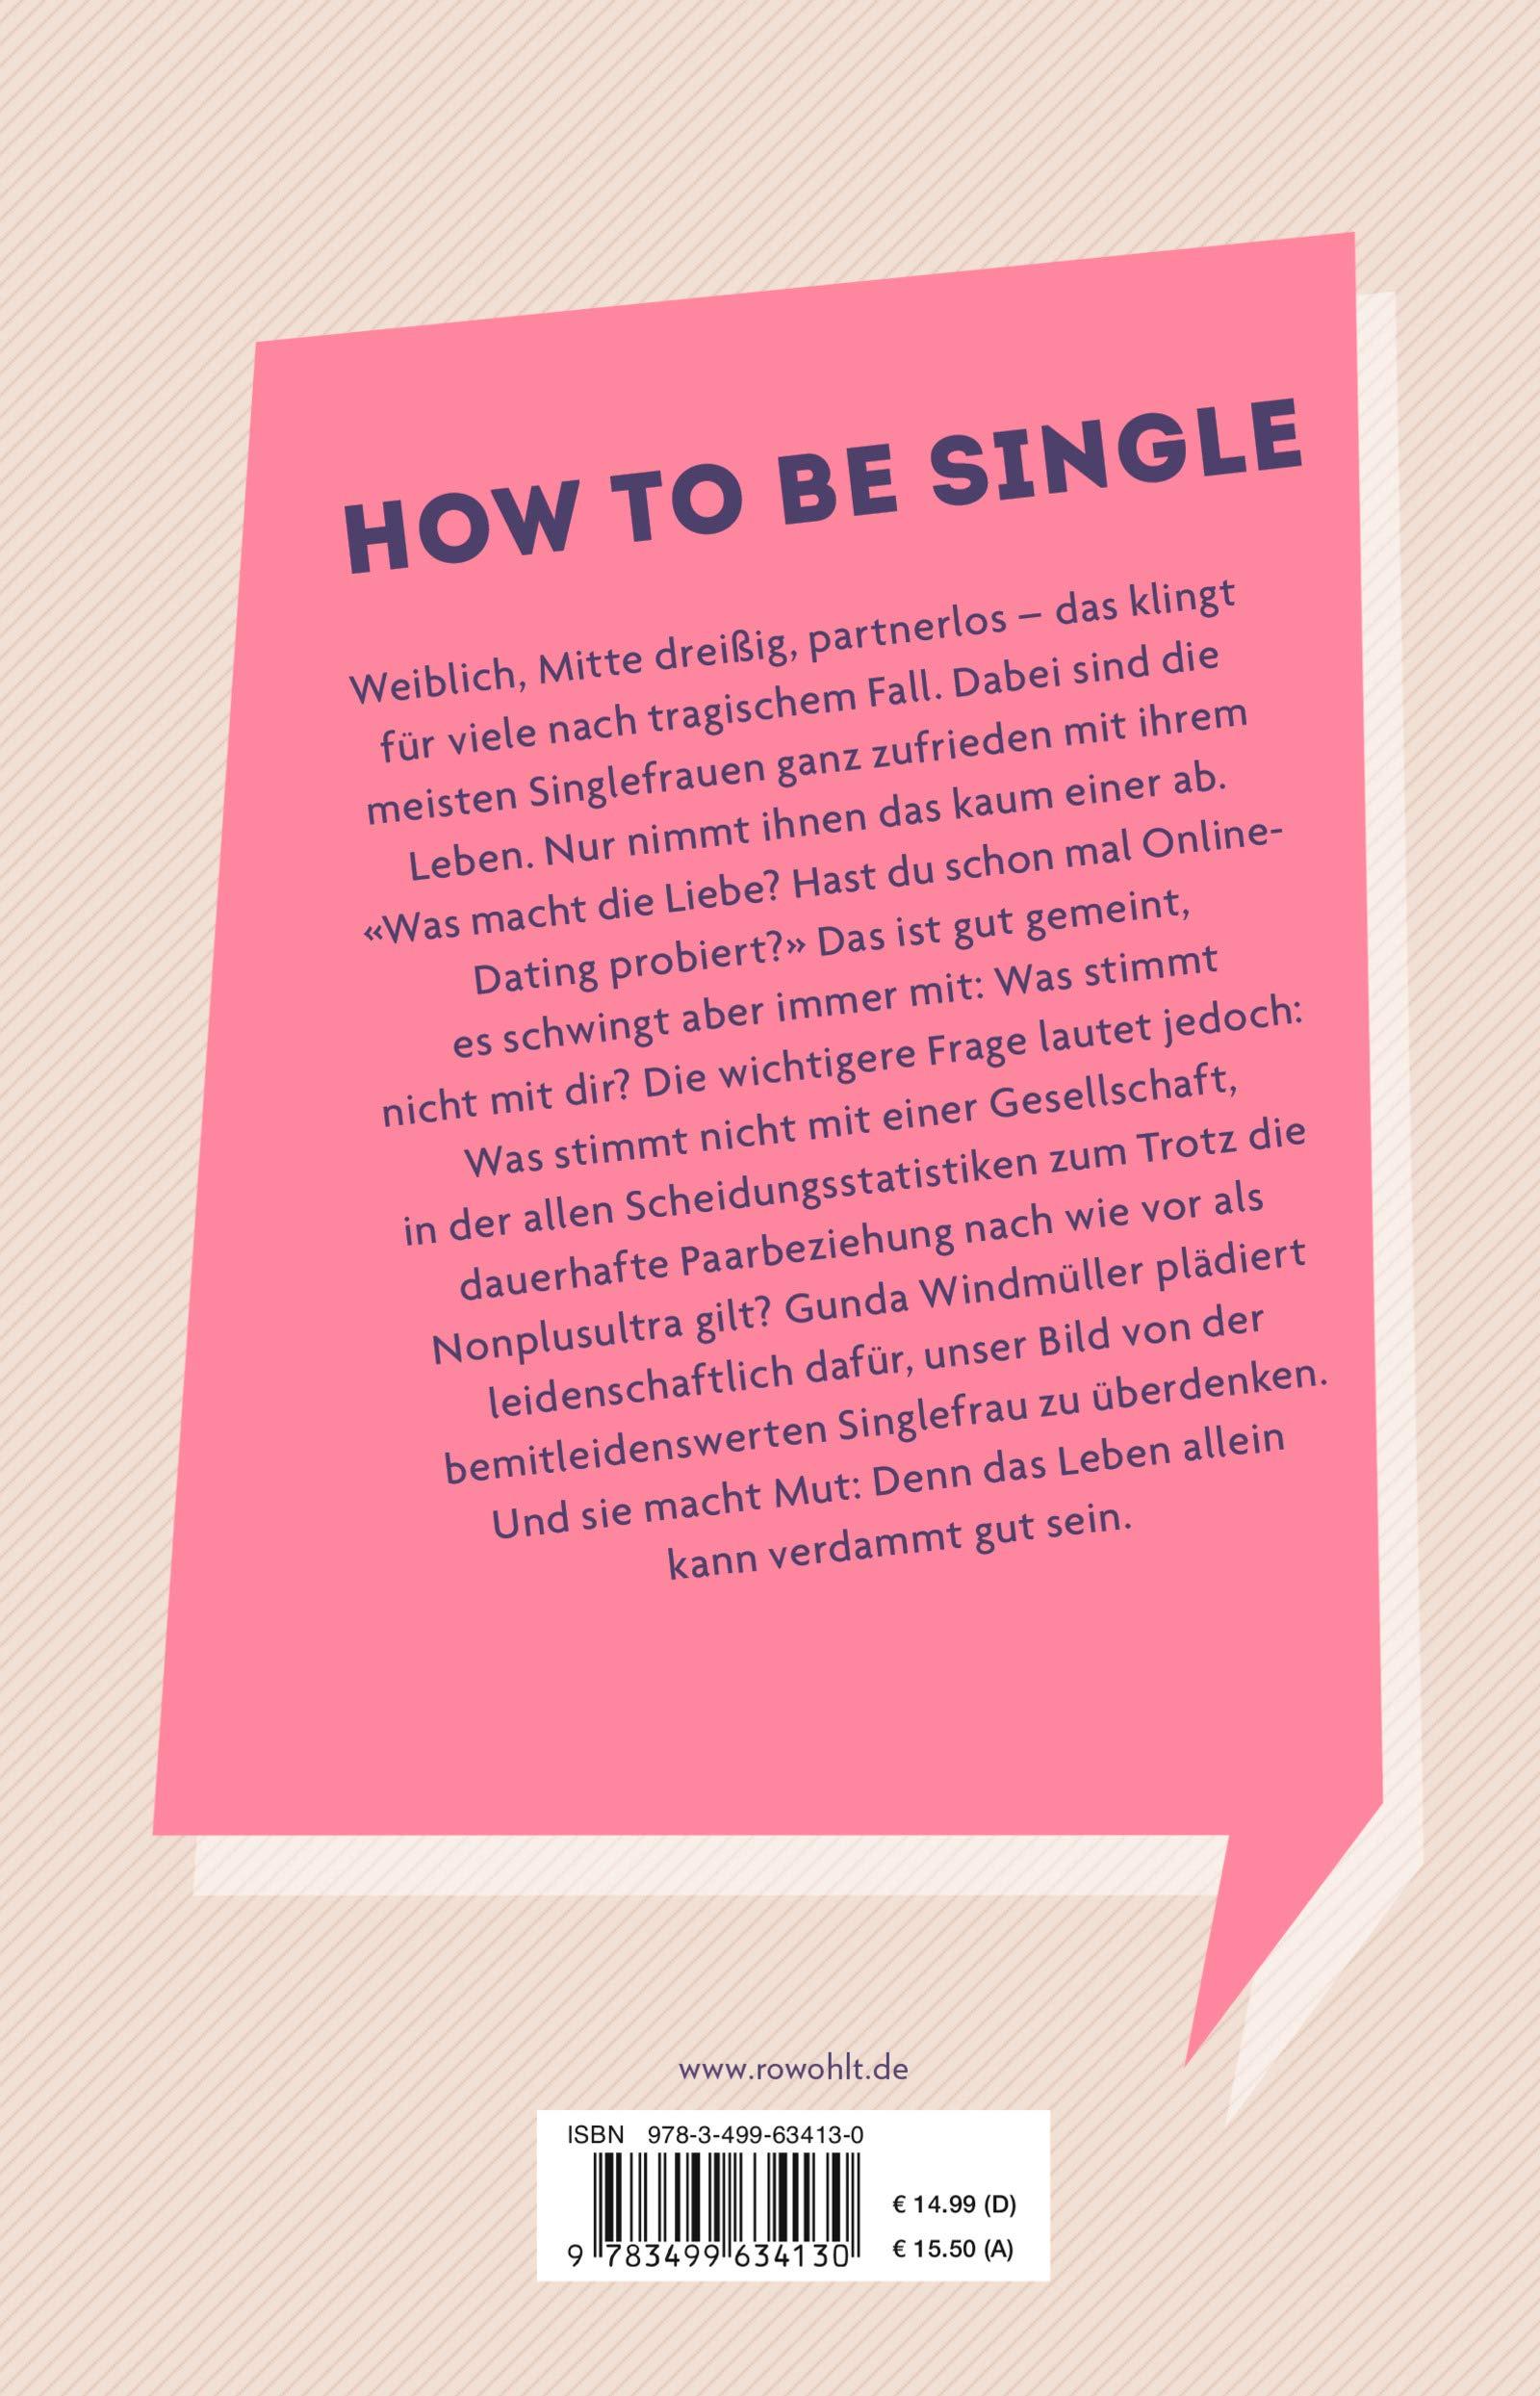 Eingängige Online-Dating-Schlagzeilen Herpes von 2014